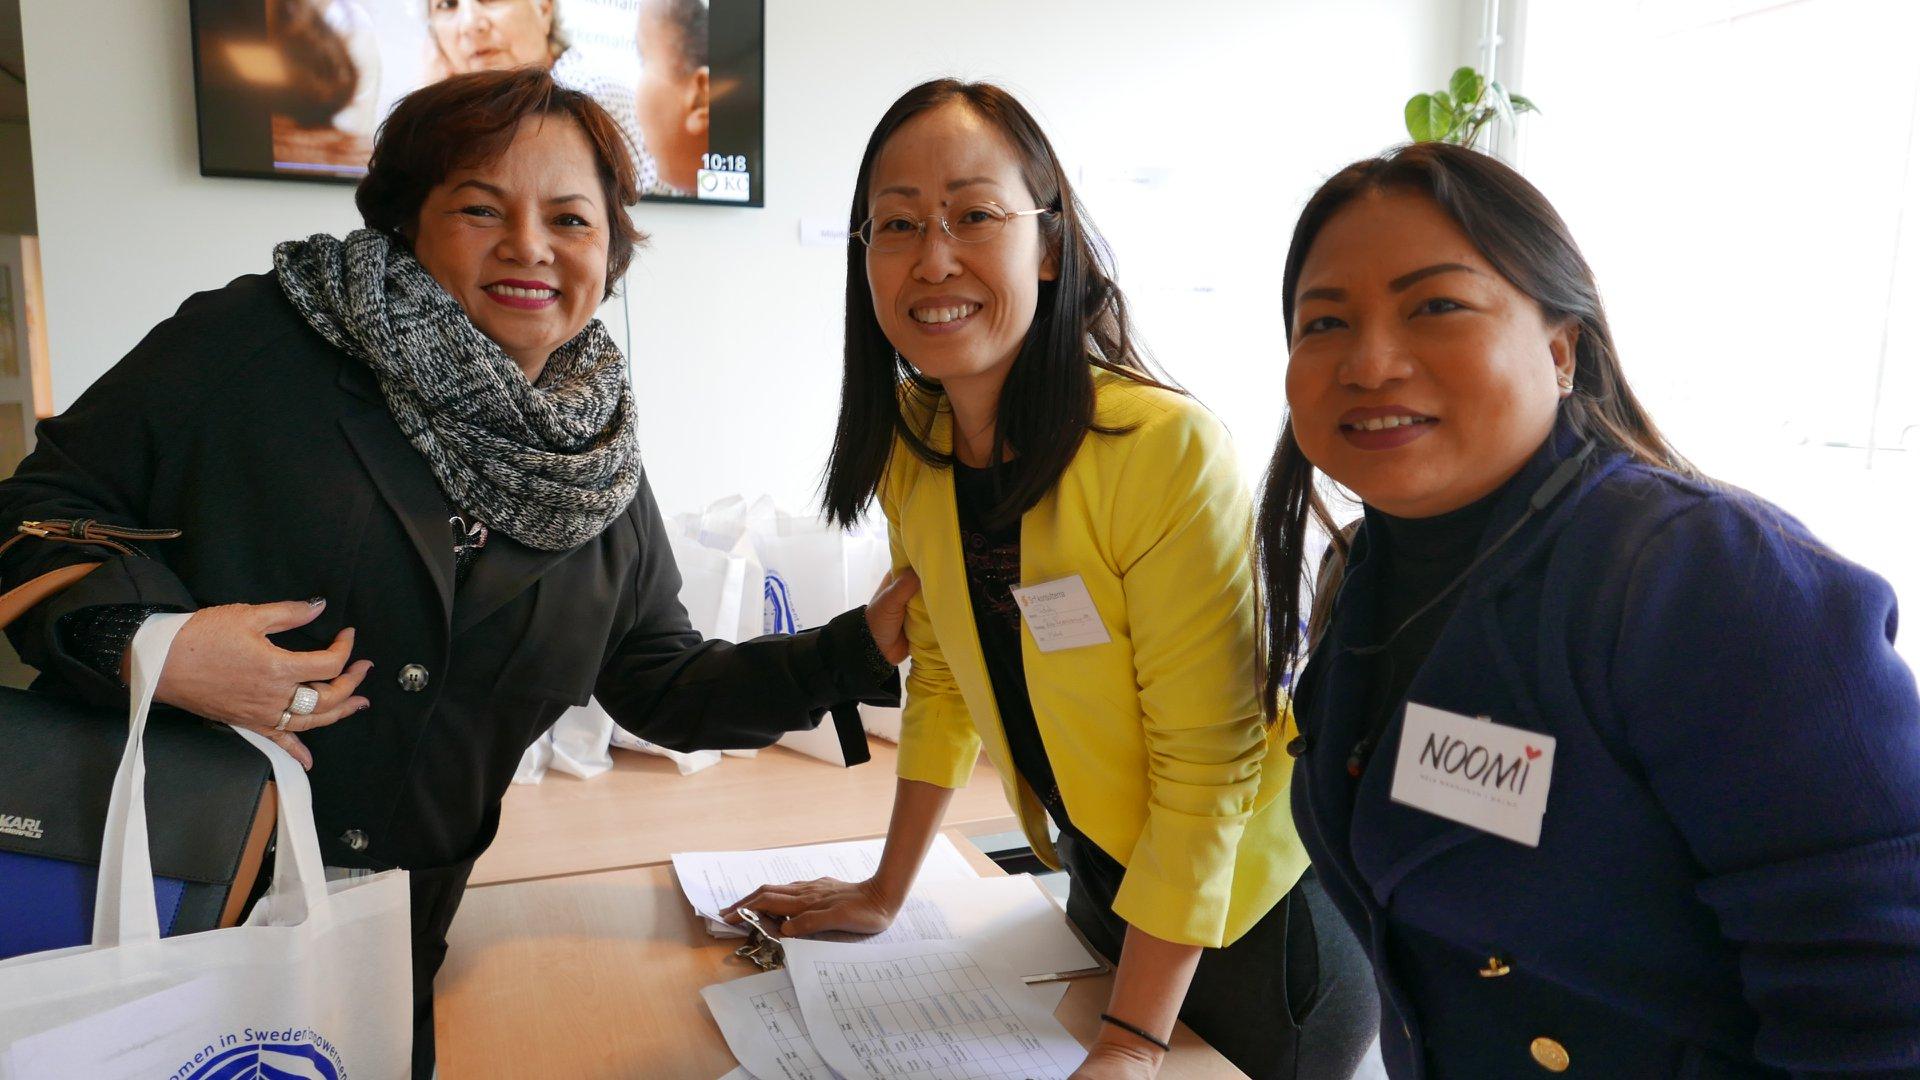 ผู้หญิงสามคนกำลังยืนถ่ายรูปที่โต๊ะ